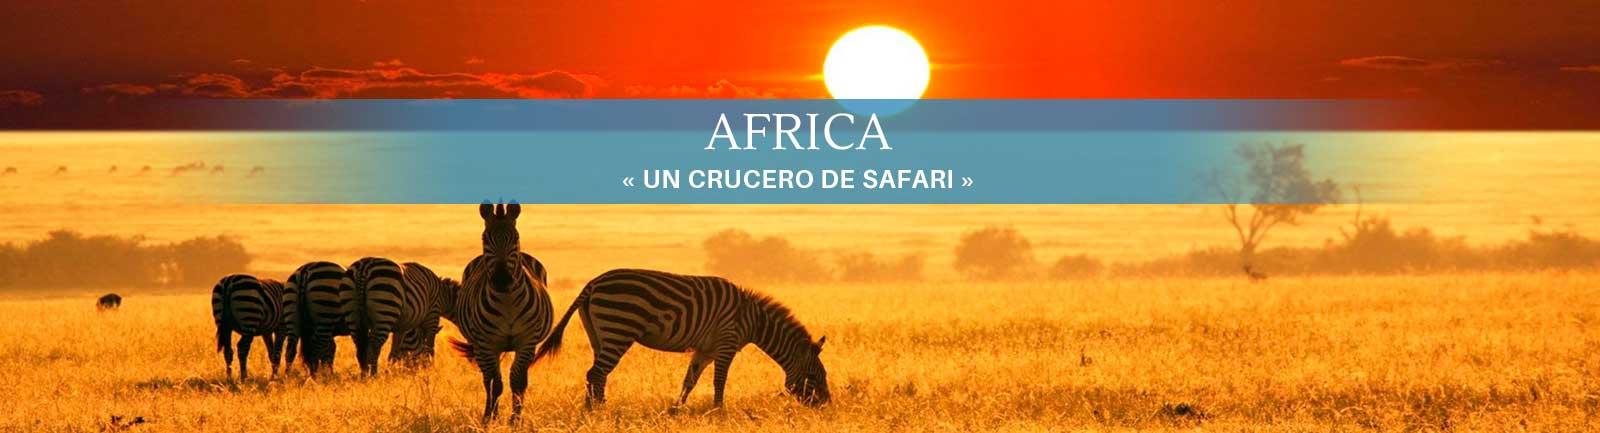 Crucero Africa